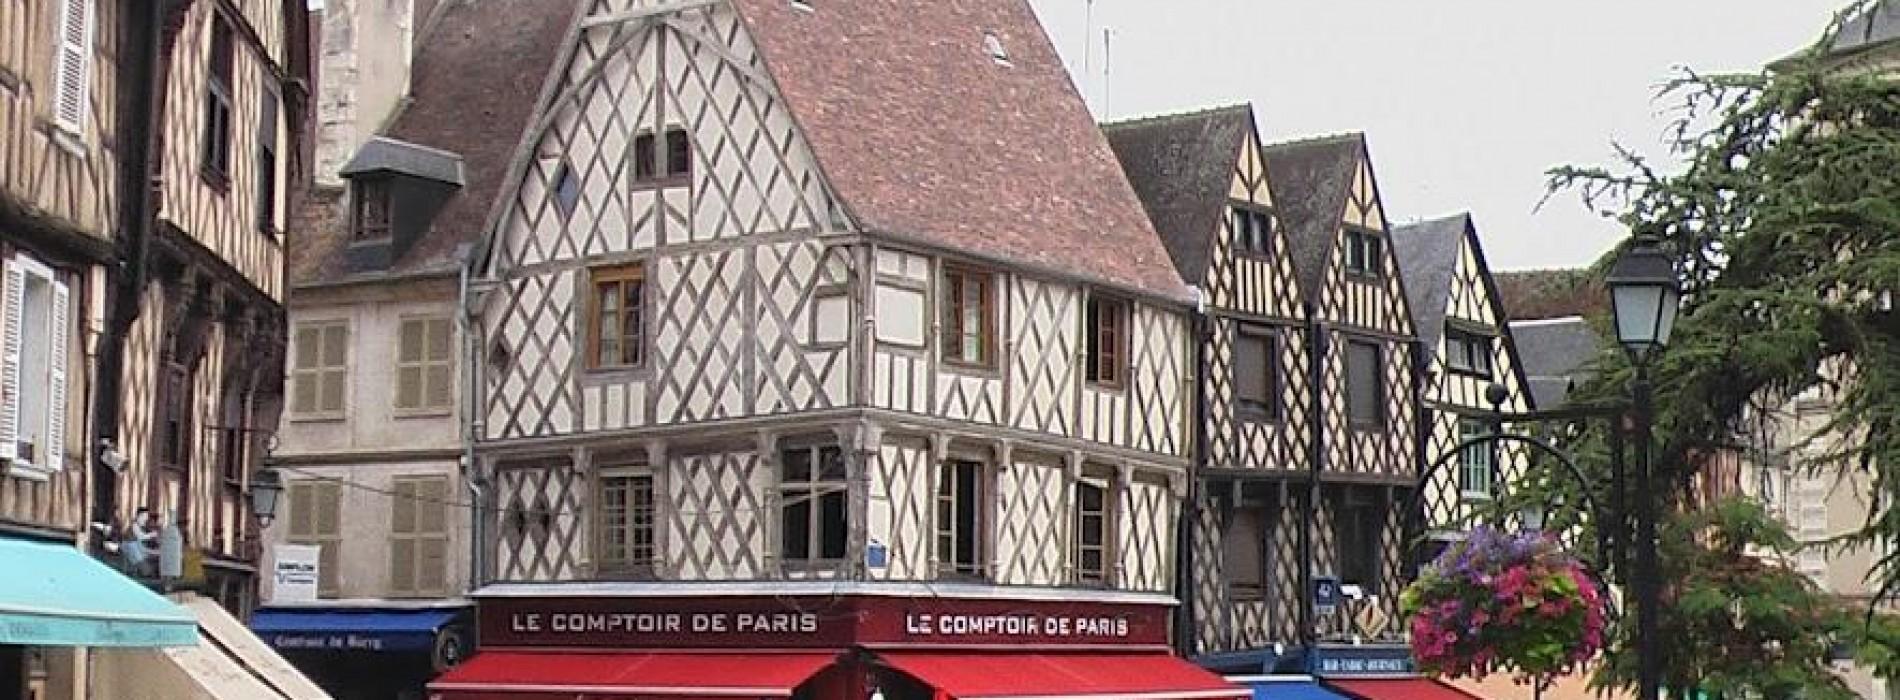 Vară medievală în Bourges